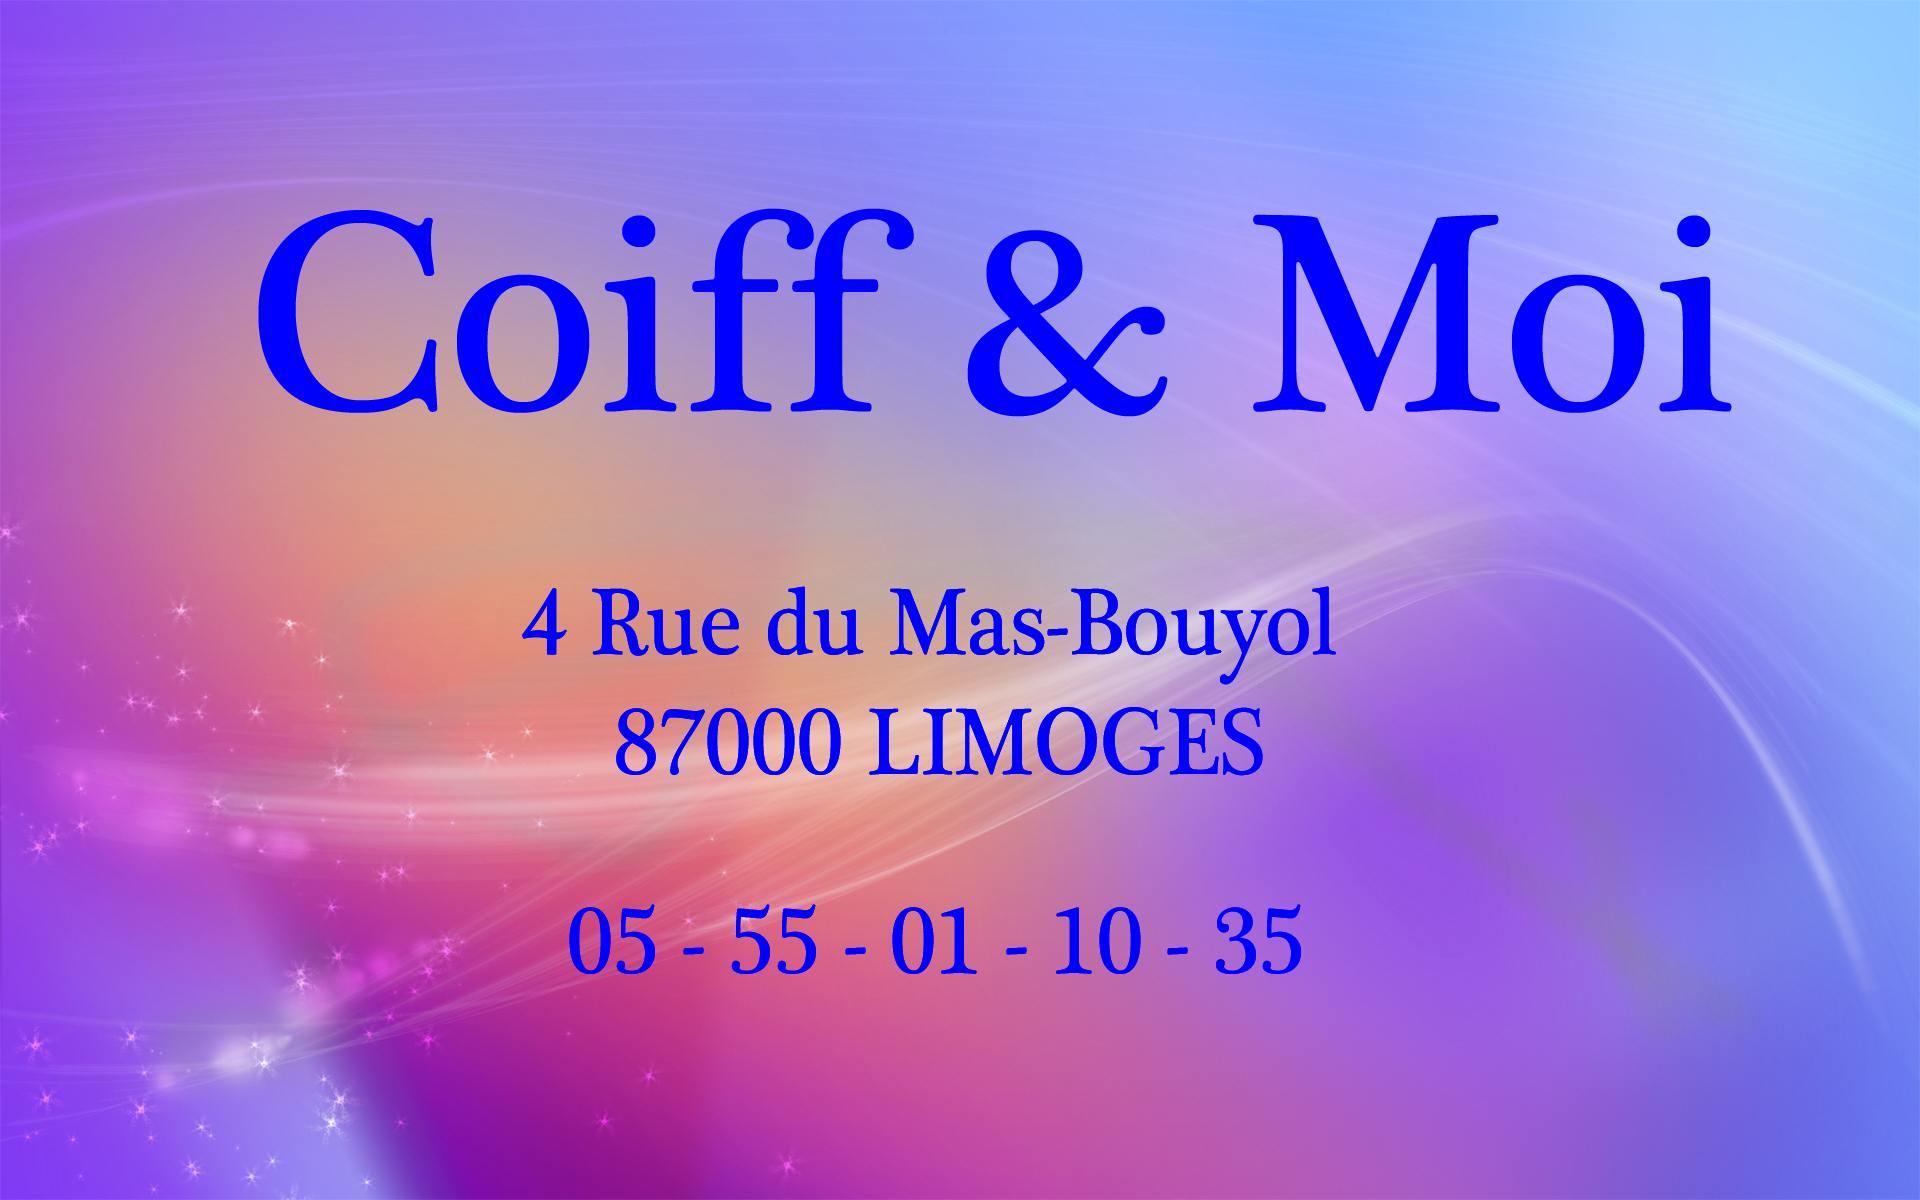 Coiff & Moi - CAF